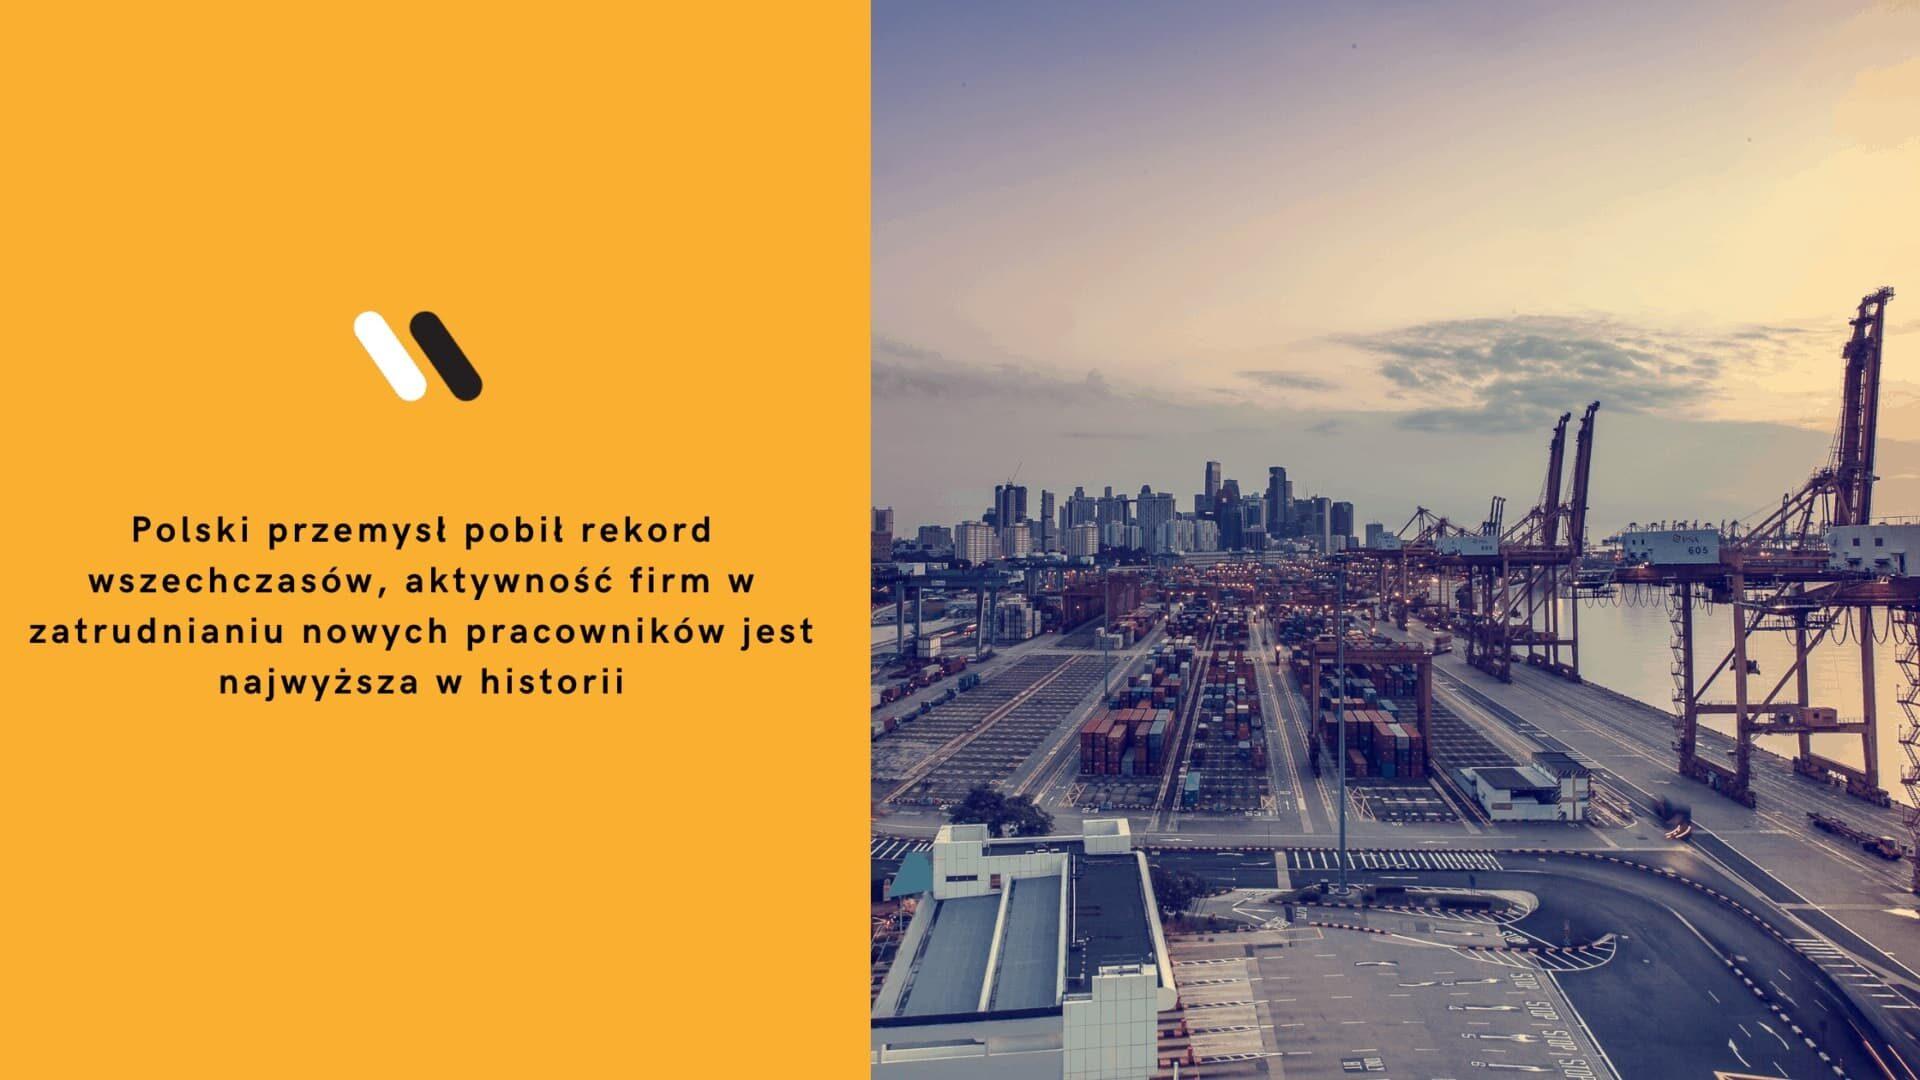 Polski przemysł pobił rekord wszechczasów, aktywność firm w zatrudnianiu nowych pracowników jest najwyższa w historii